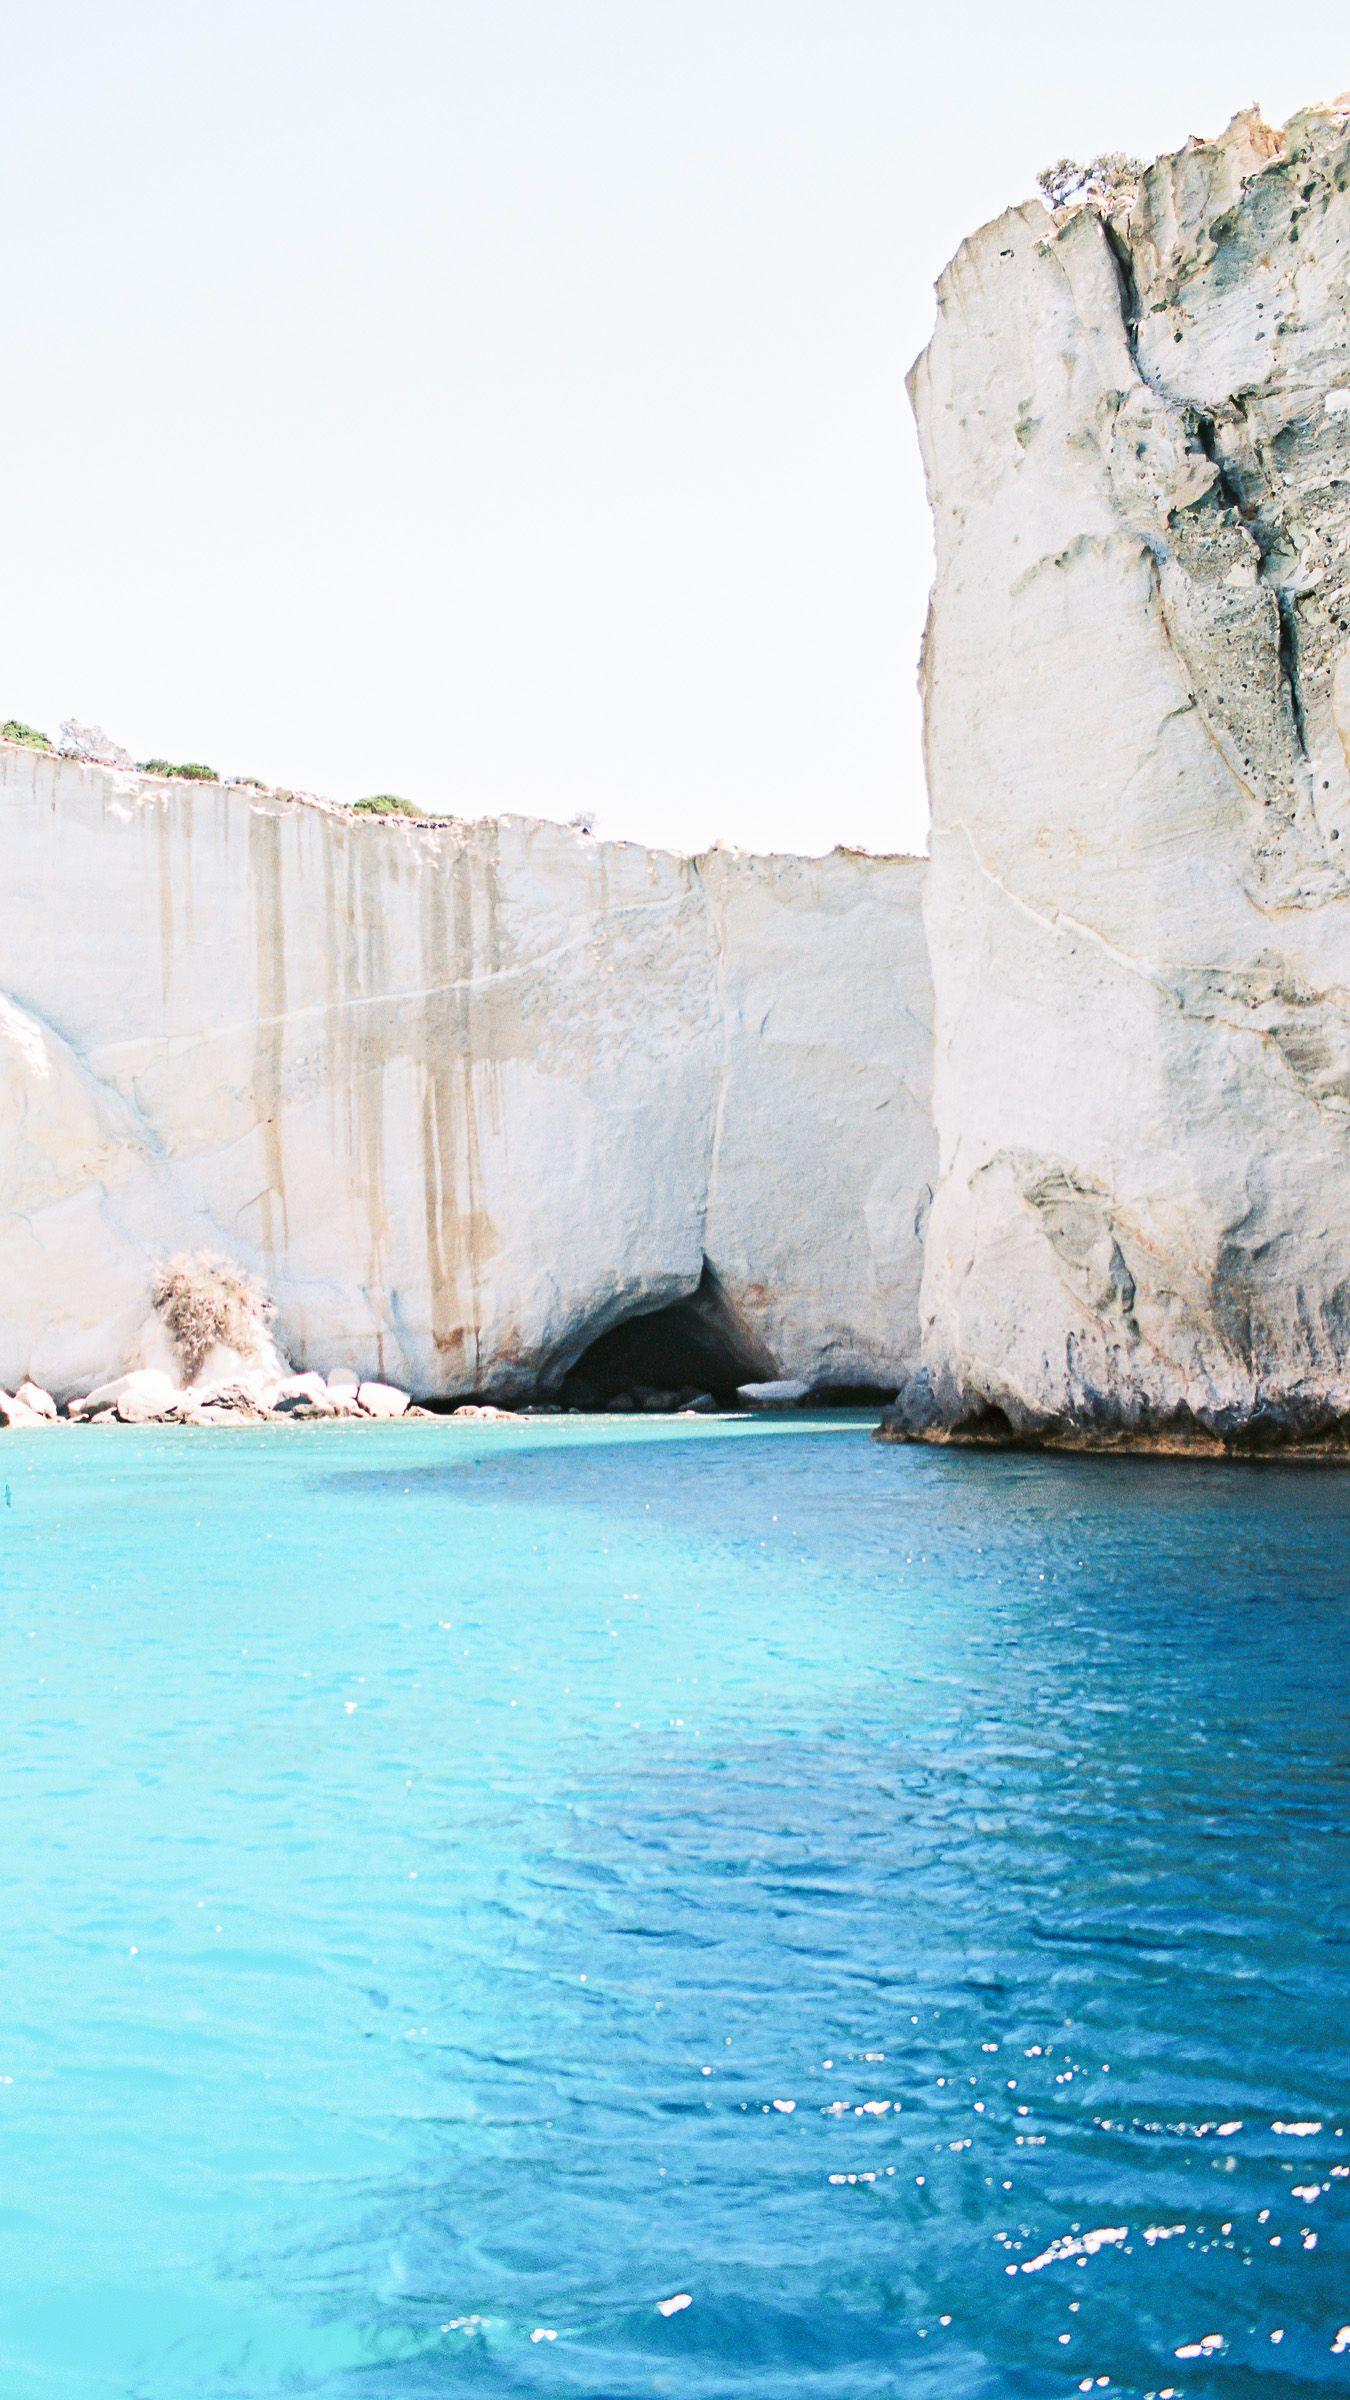 Milos, Greece  #aegeansea